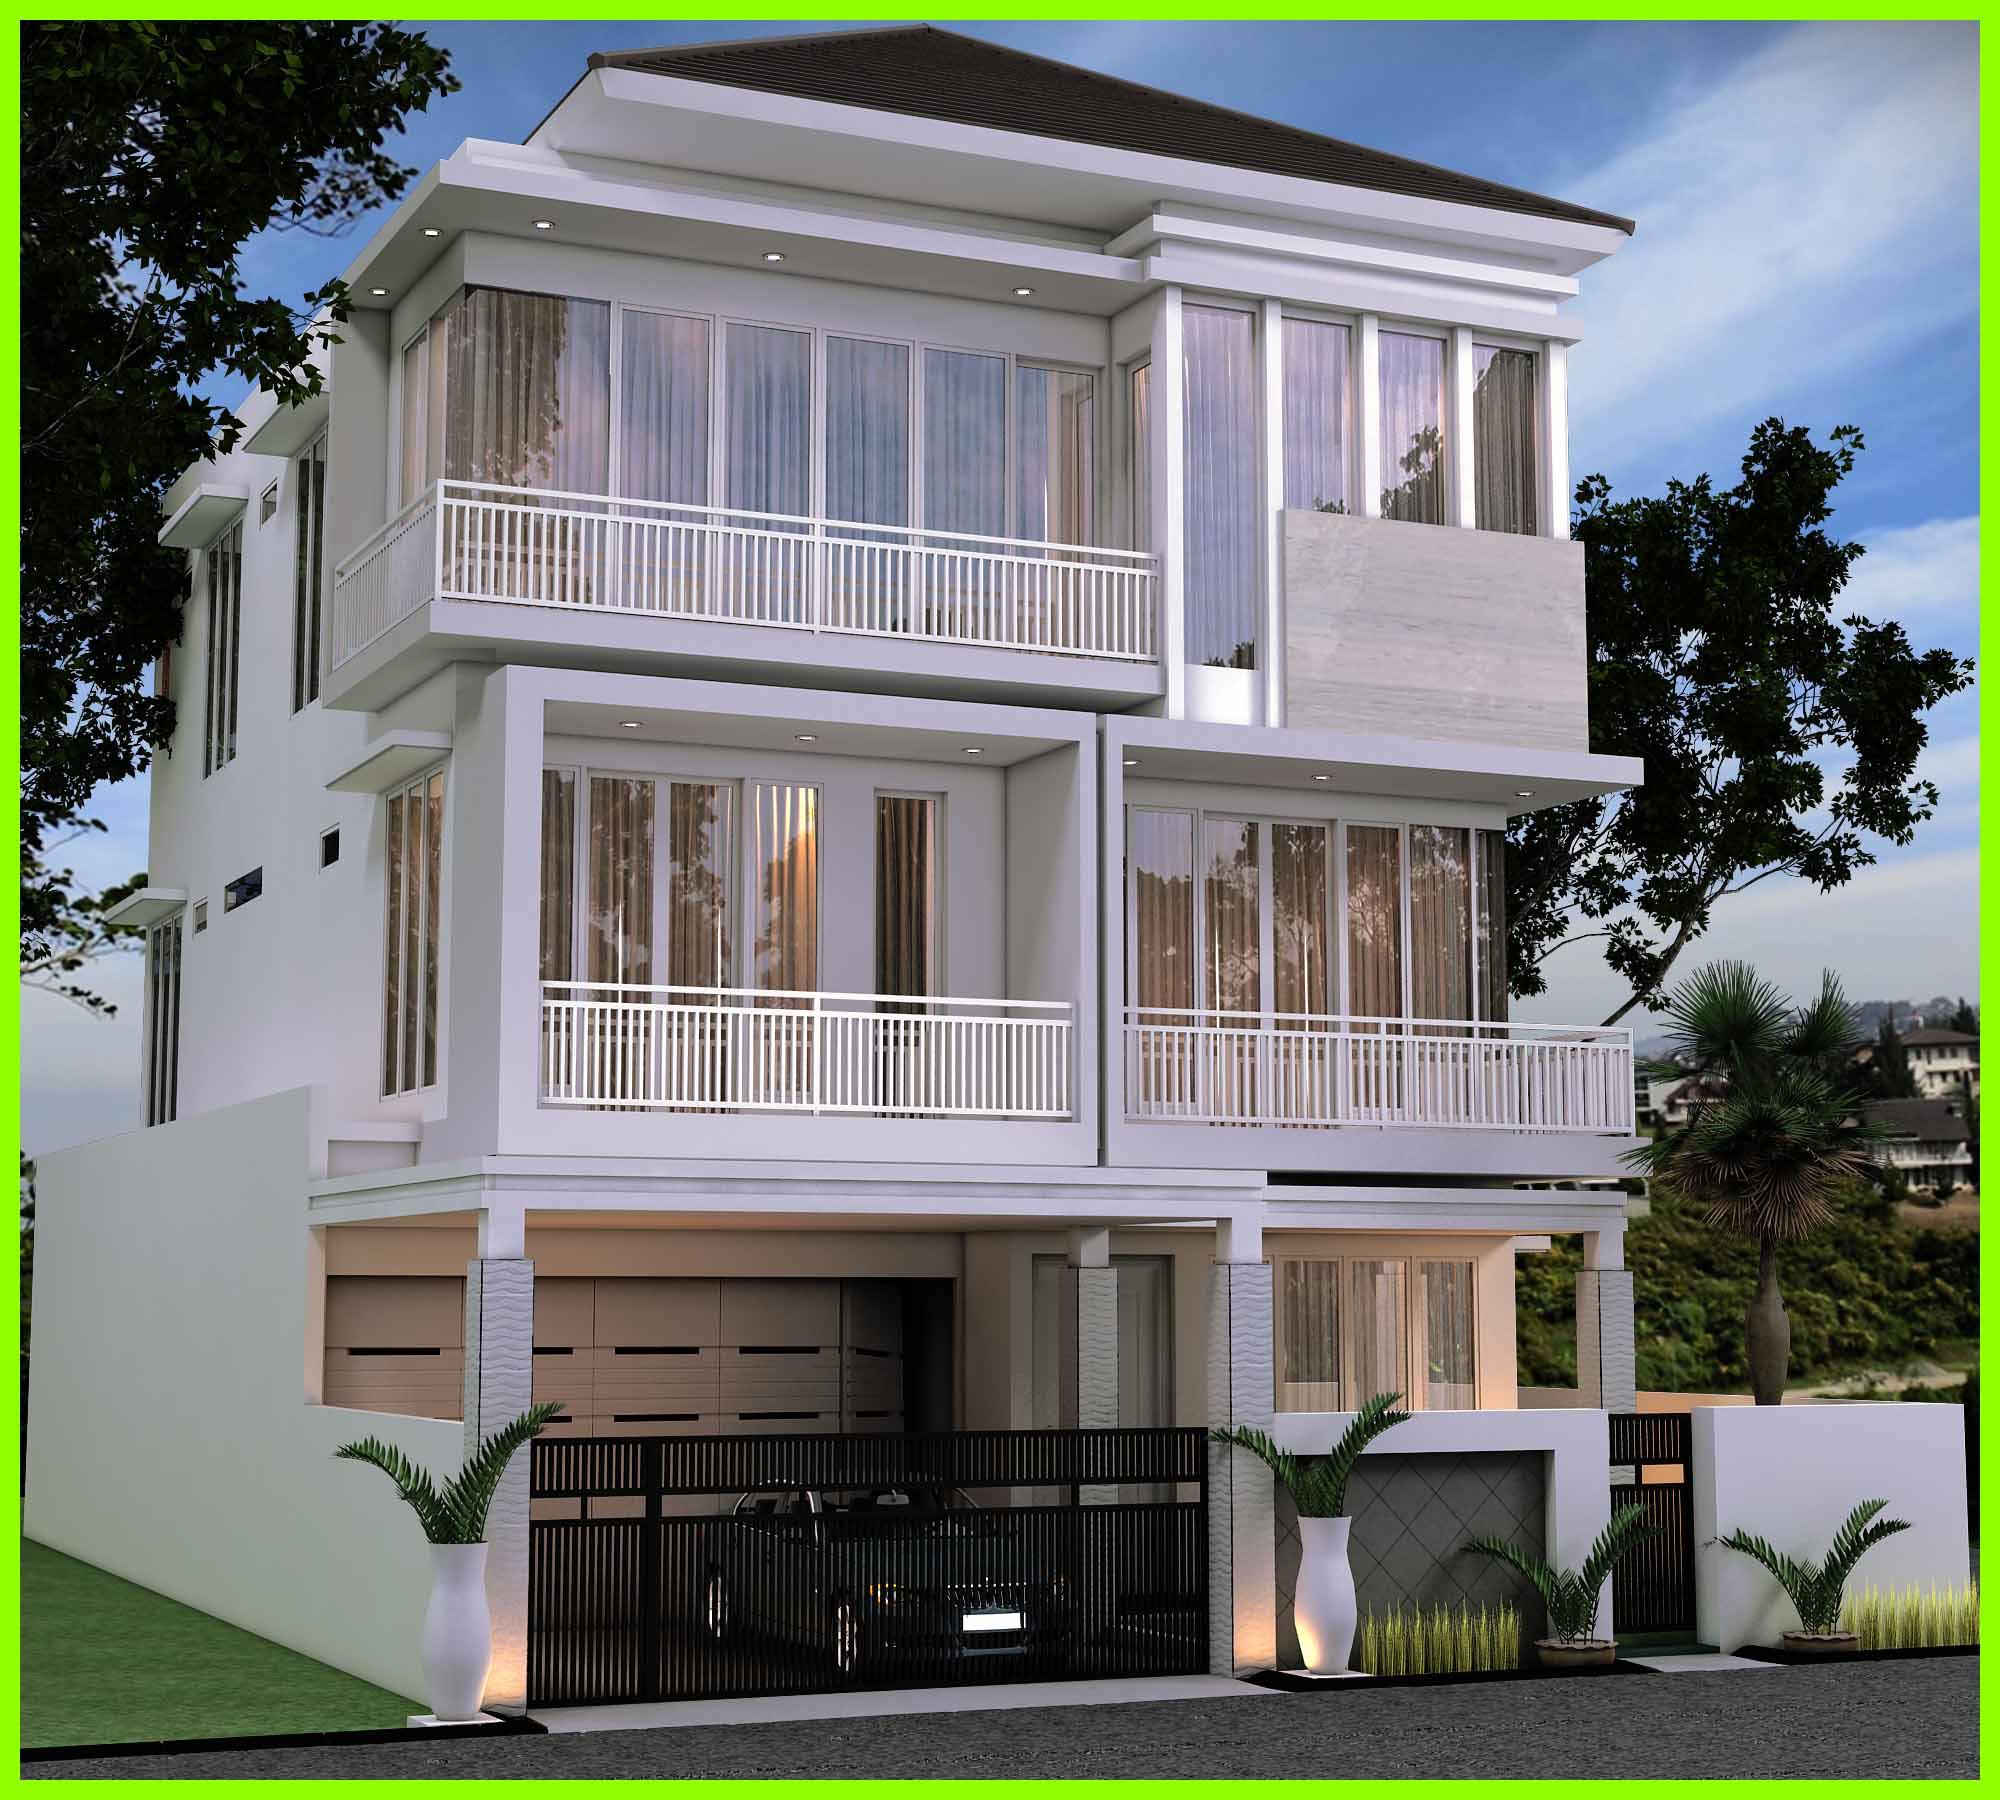 Desain Rumah Minimalis Modern Lantai 2 Terbaru 2020 Deagam Design